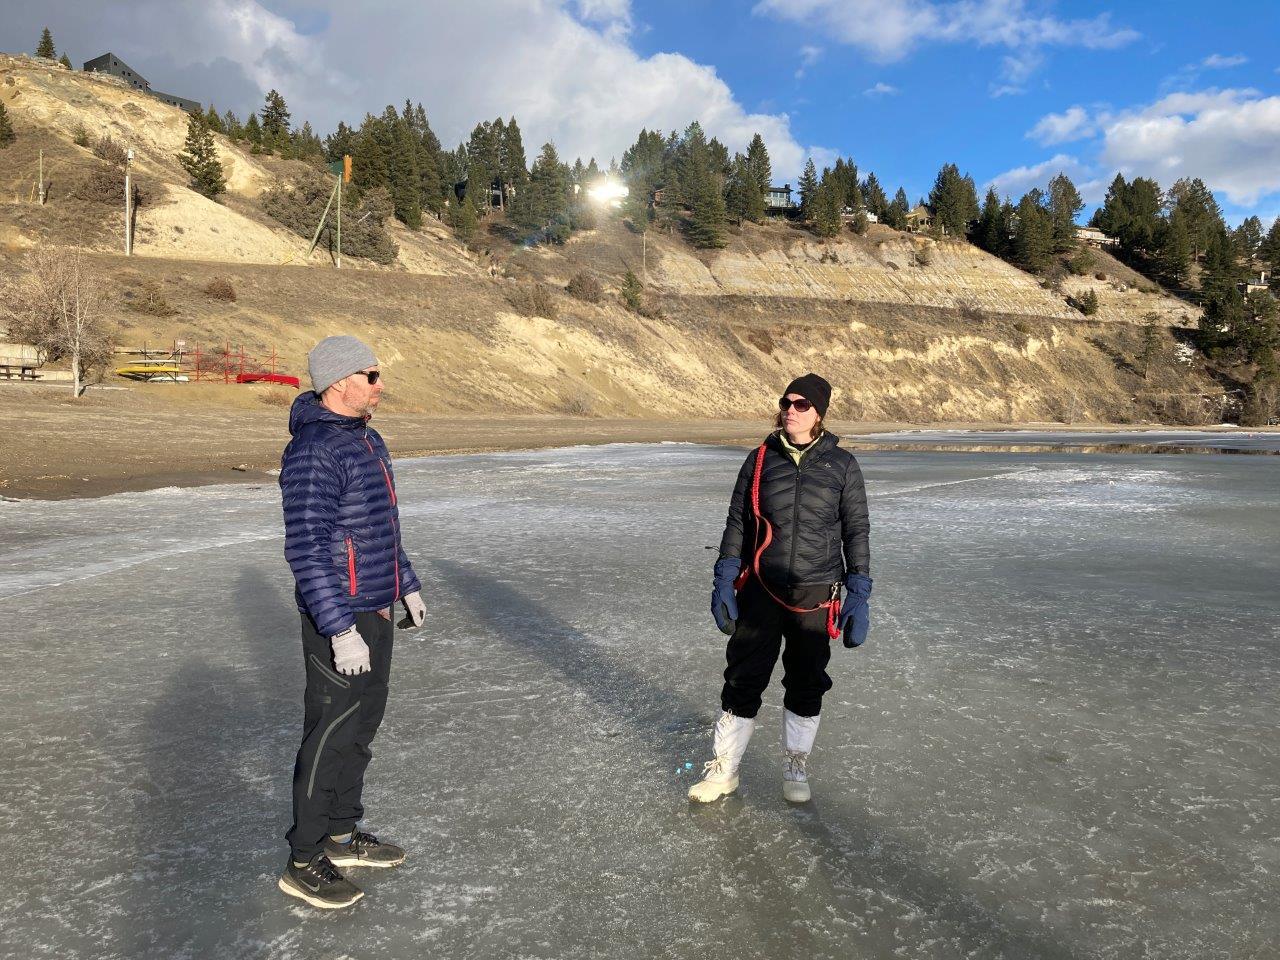 People on the ice on Lake Windermere